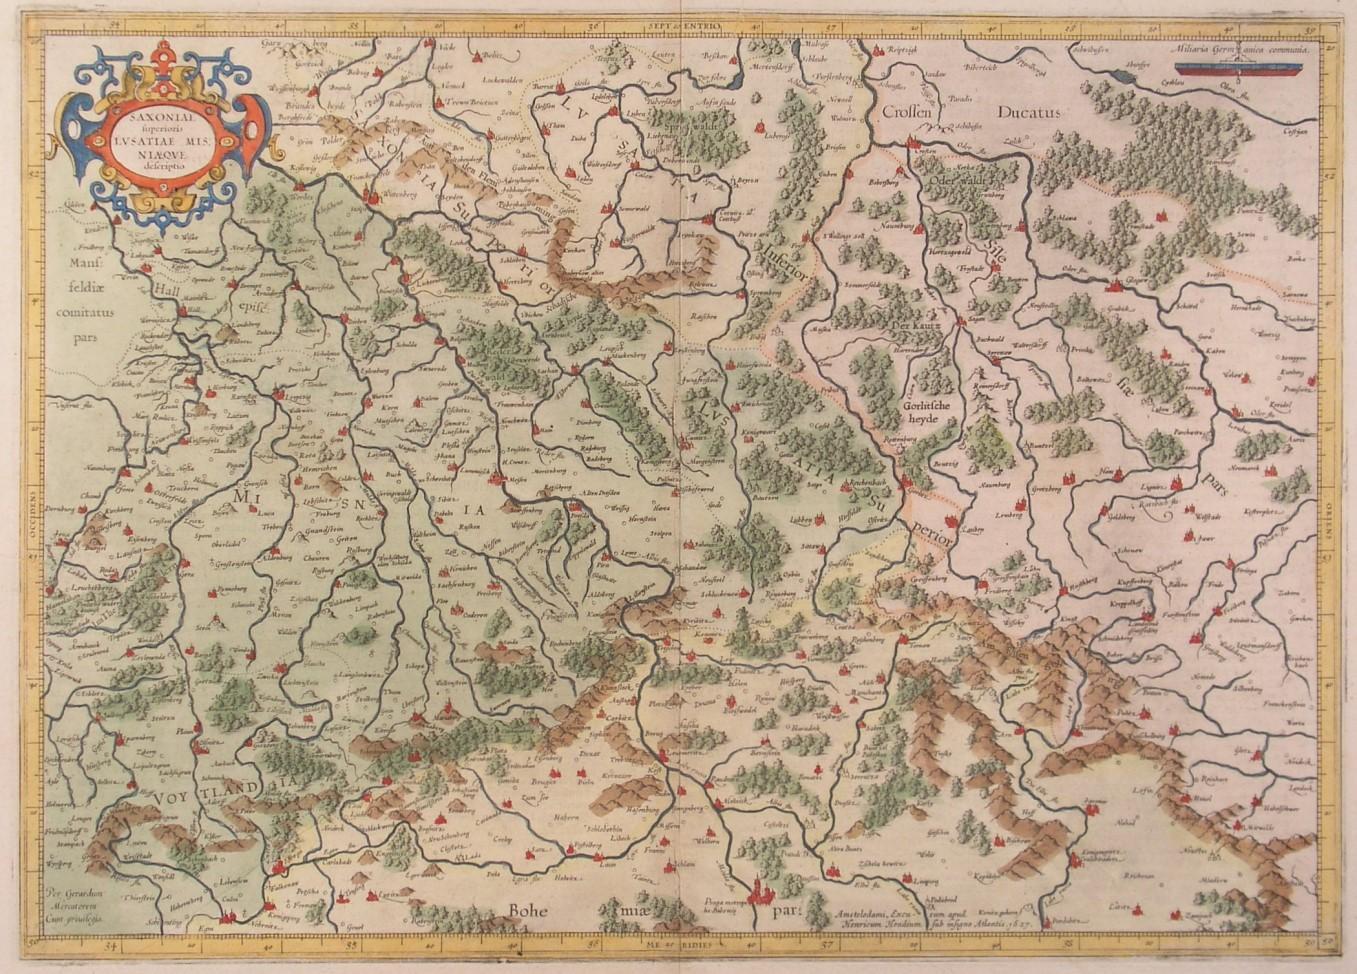 Lausitz Karte.Vialibri Sachsen Lausitz Karte Saxoniae Superioris